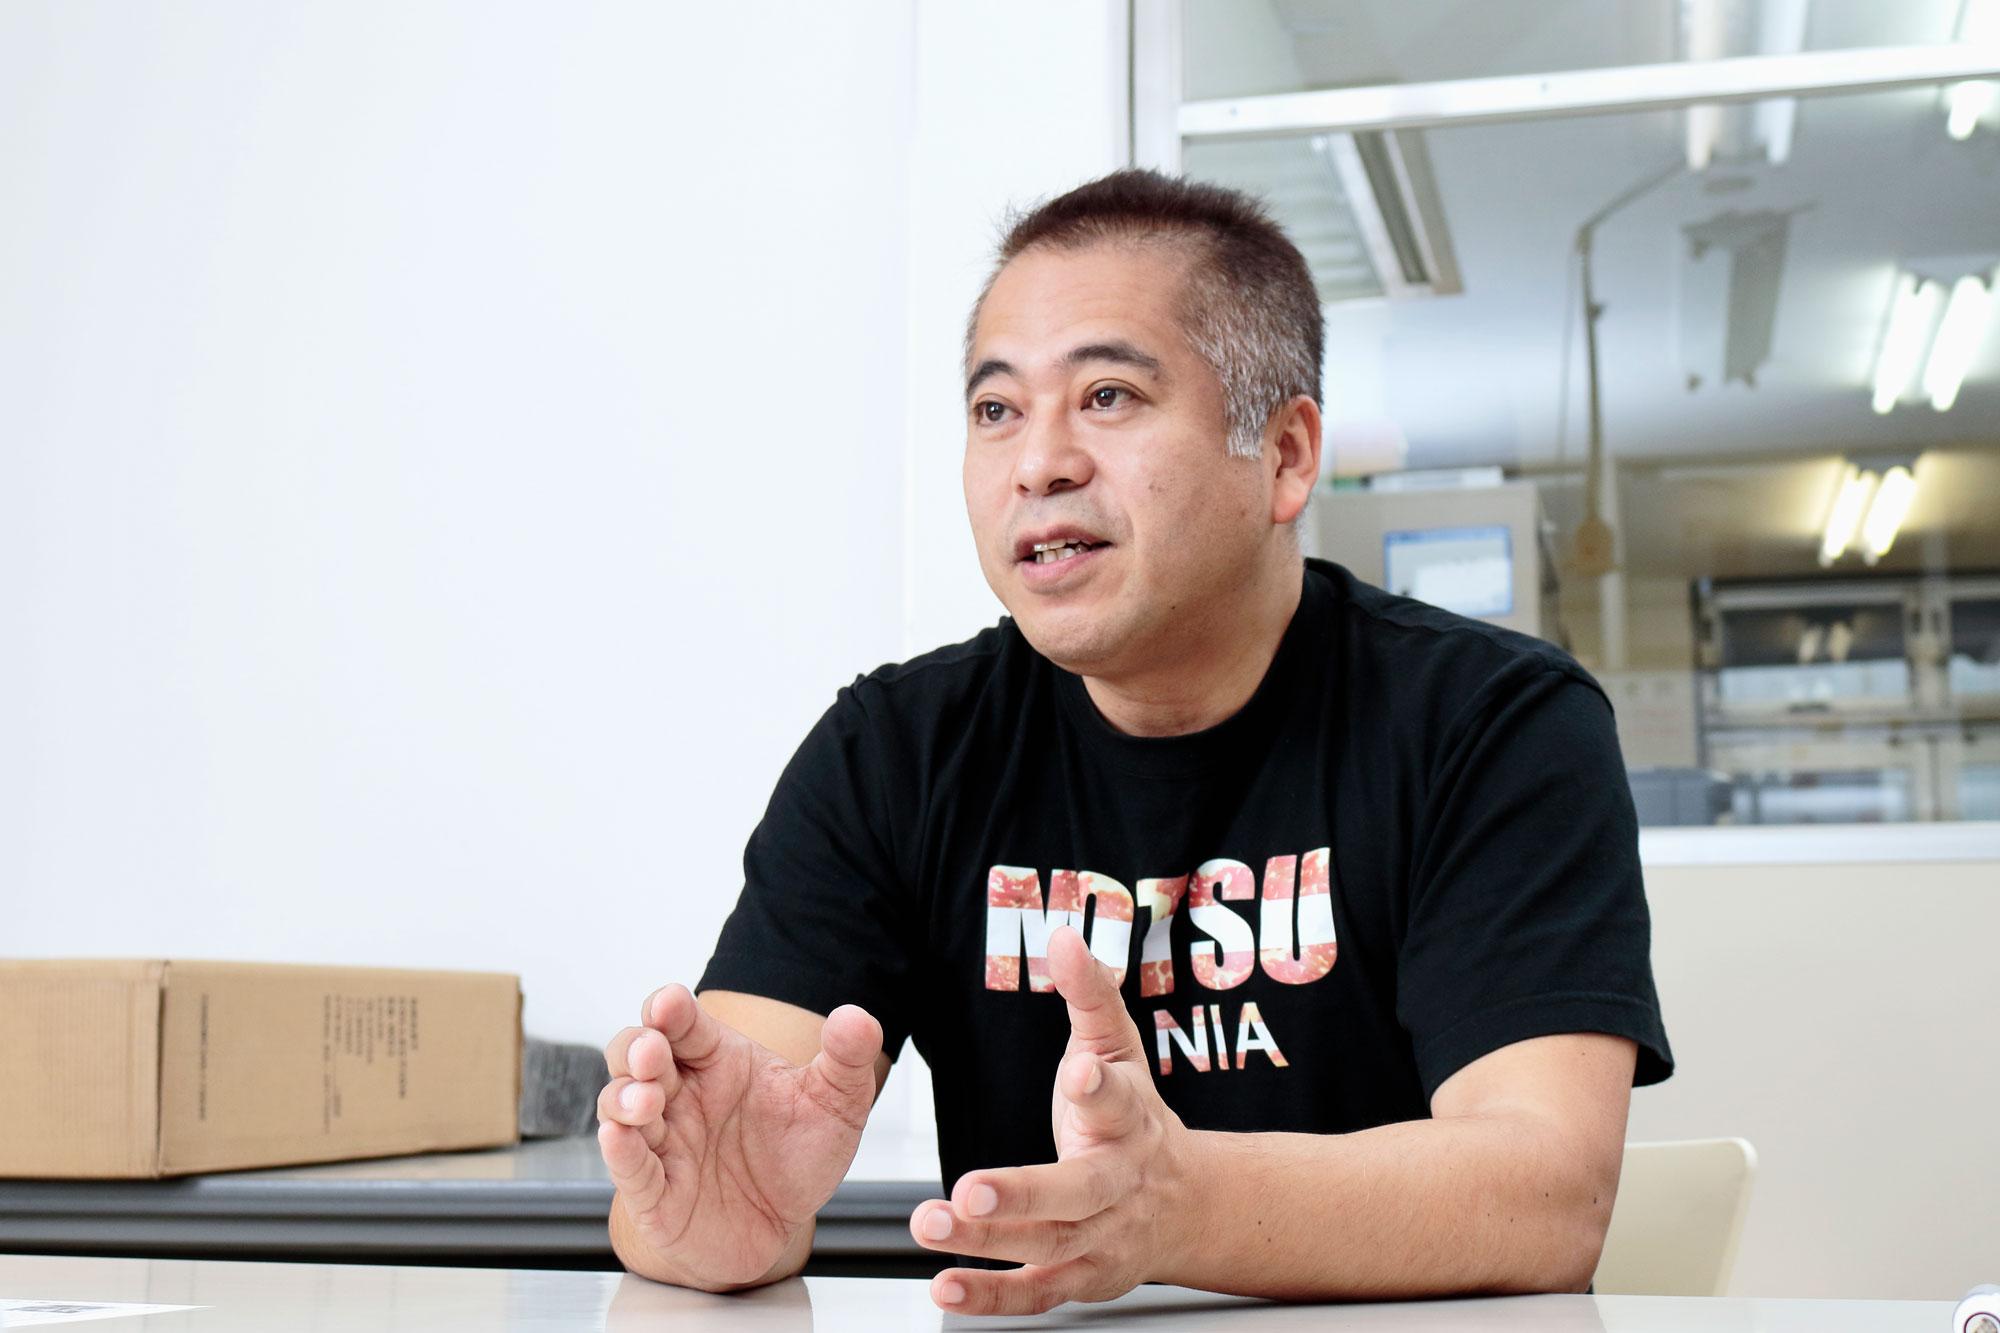 ドリーマーズ株式会社 中村正利 代表取締役社長 インタビュー画像 前編2